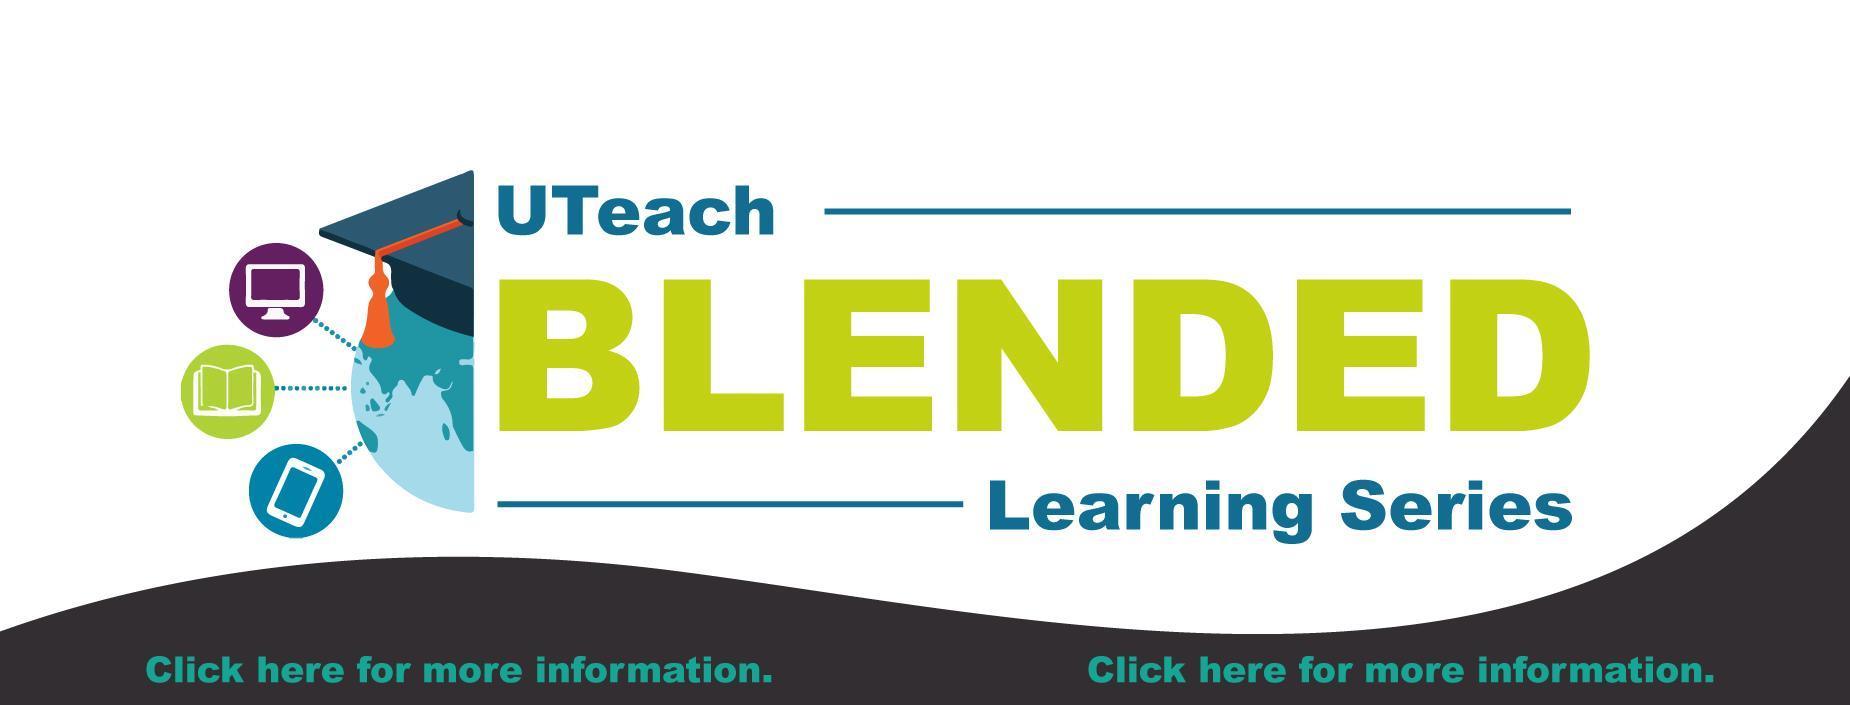 Blended Learning Series Banner